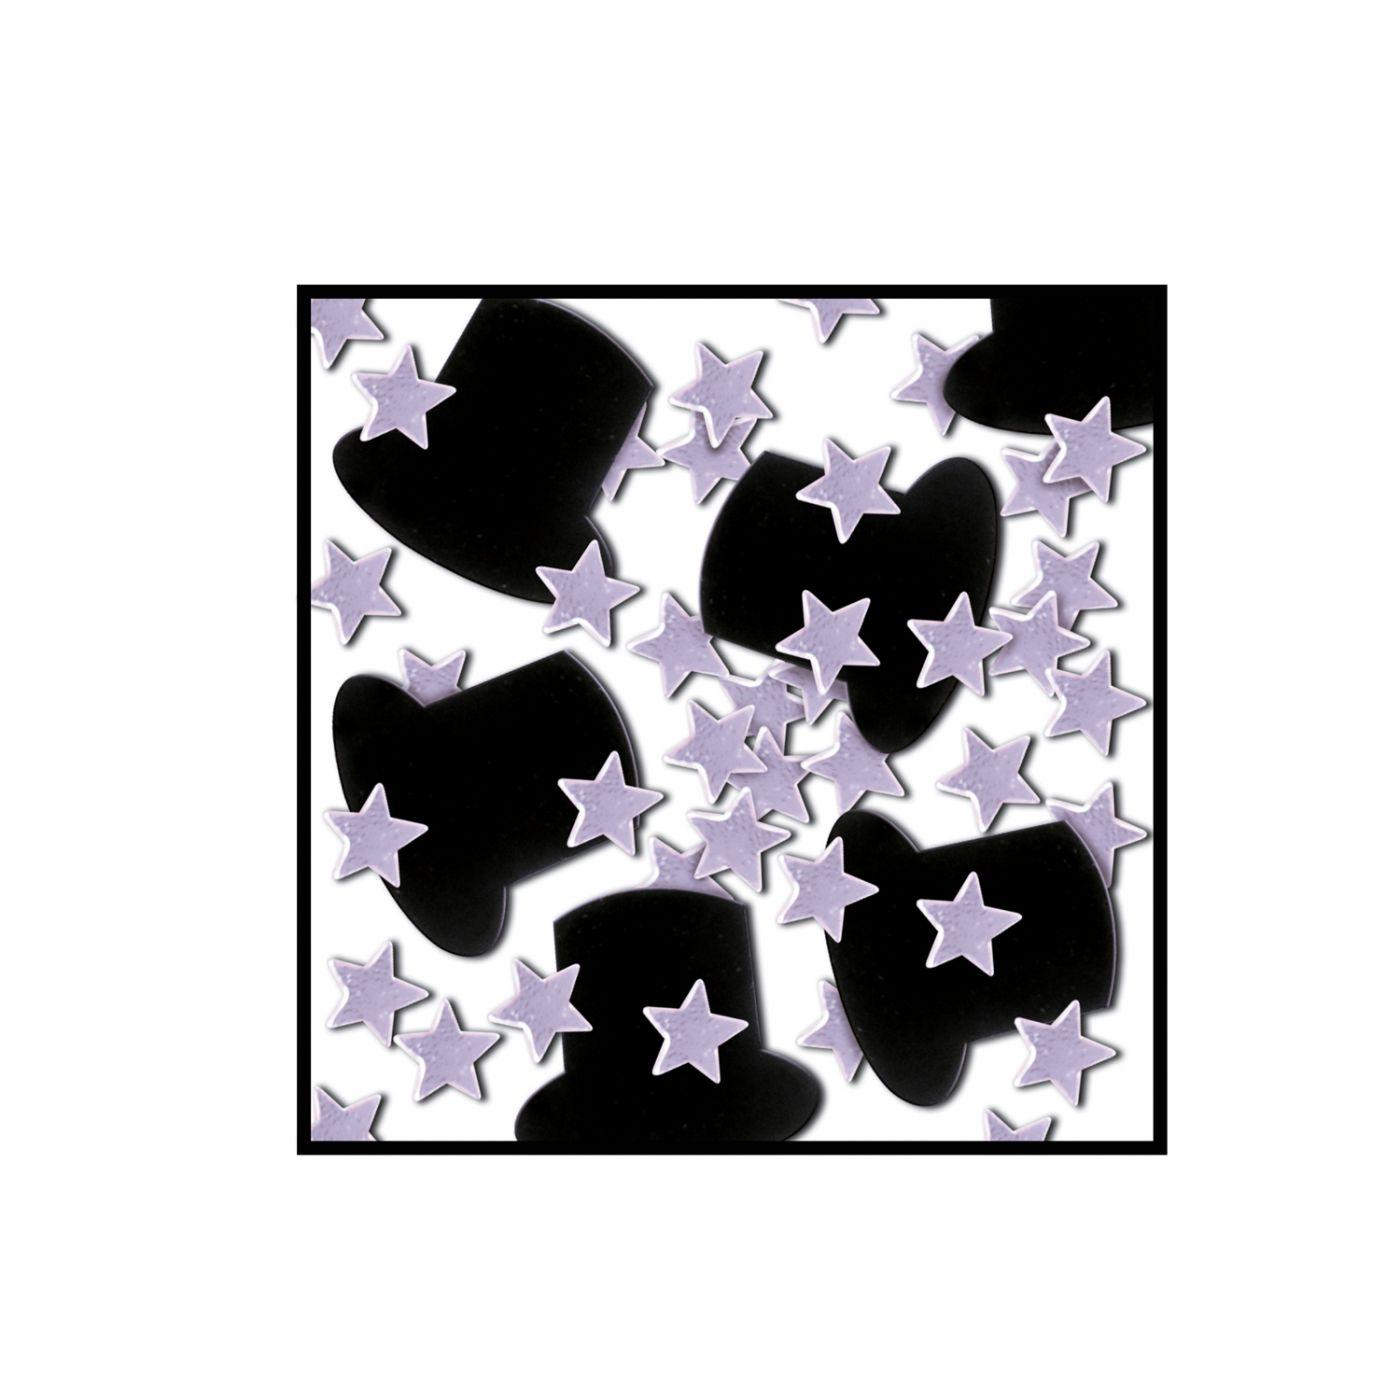 Fanci-Fetti Top Hats & Mini Stars image